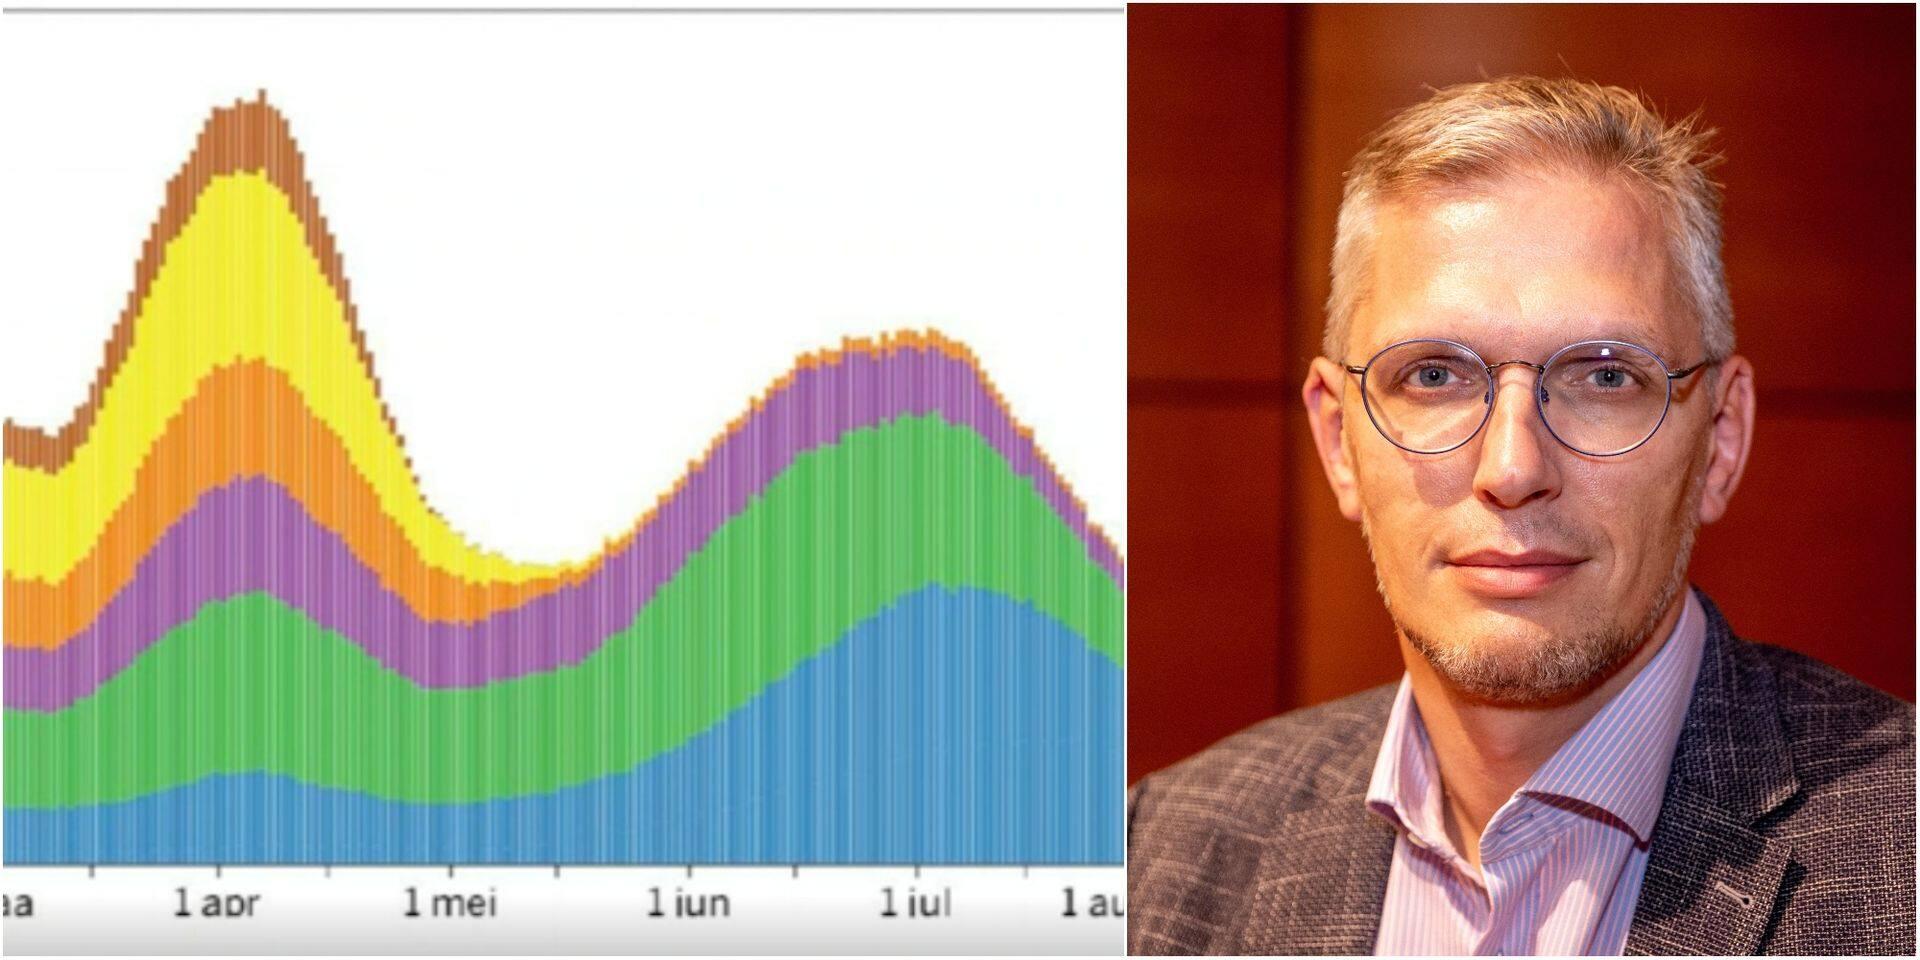 Quel impact en cas d'assouplissements des mesures en Belgique? Selon cet expert, deux scénarios sont possibles